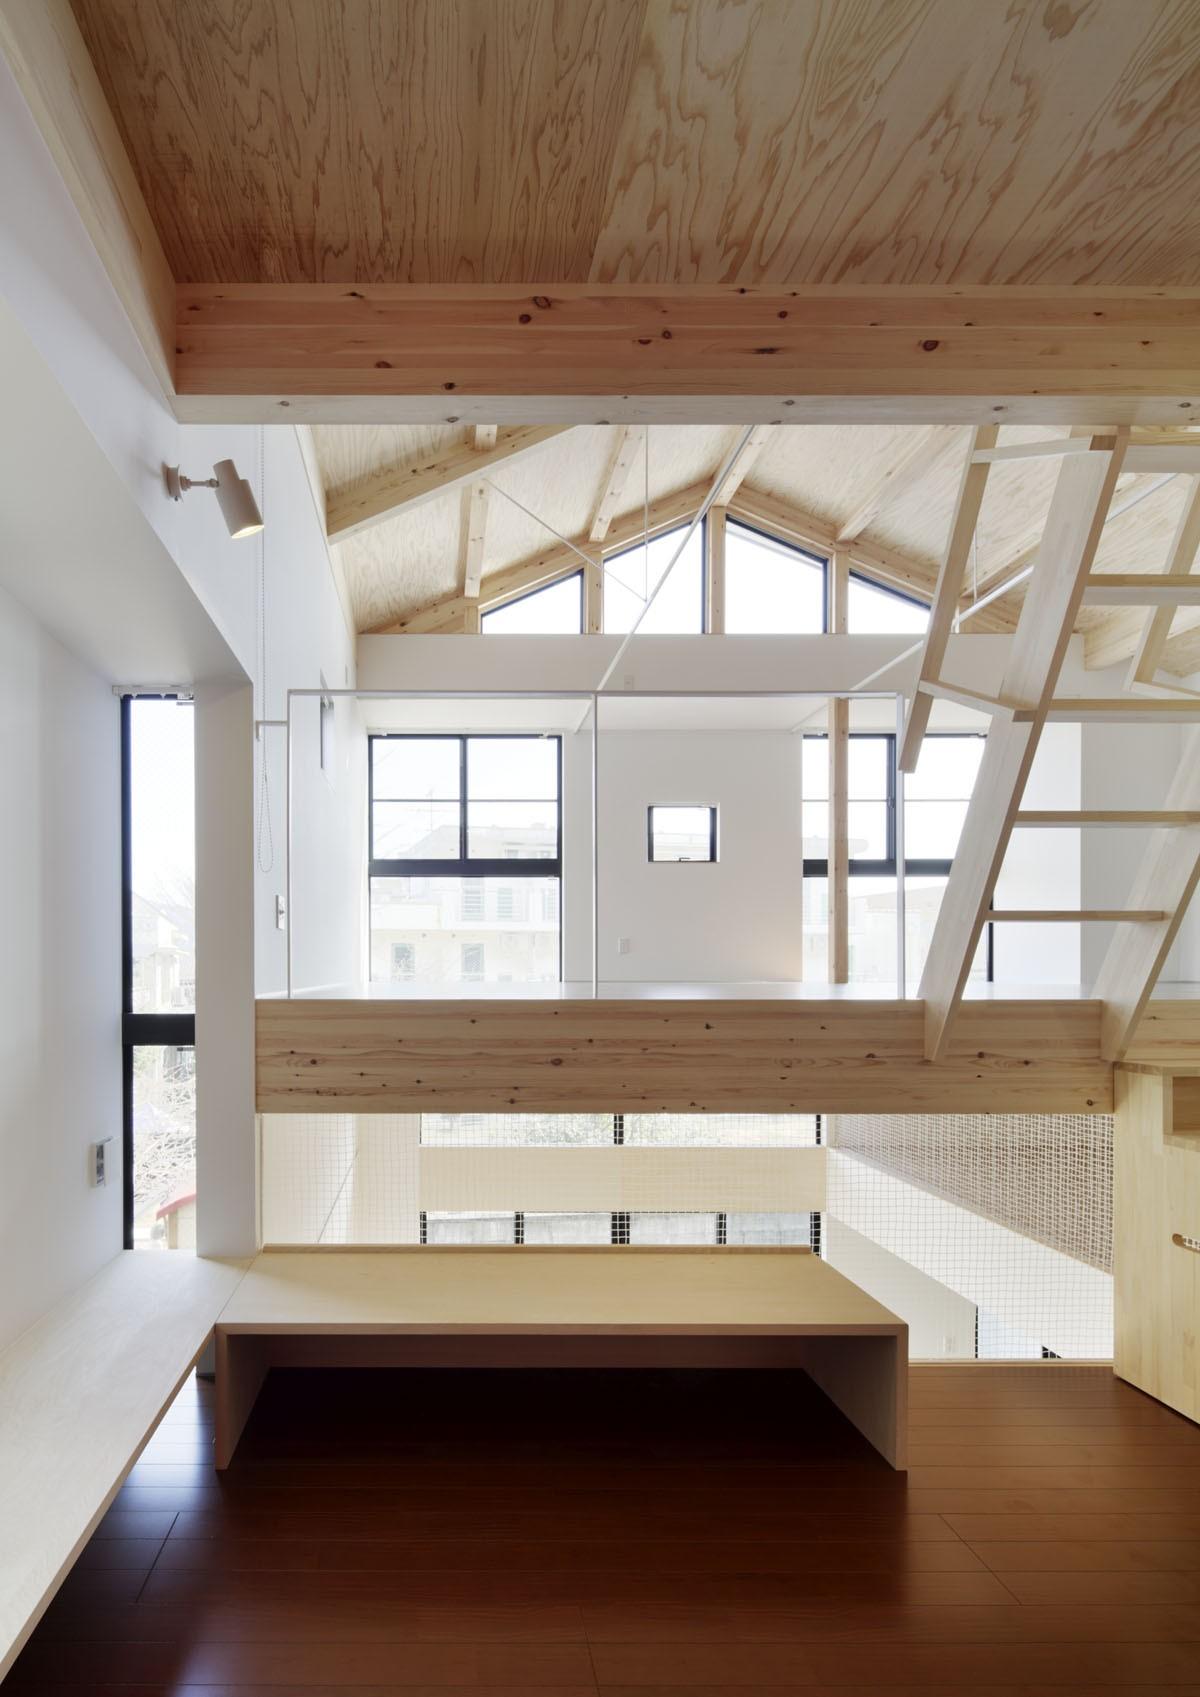 子供部屋事例:子供のスペース(多層空間の家)